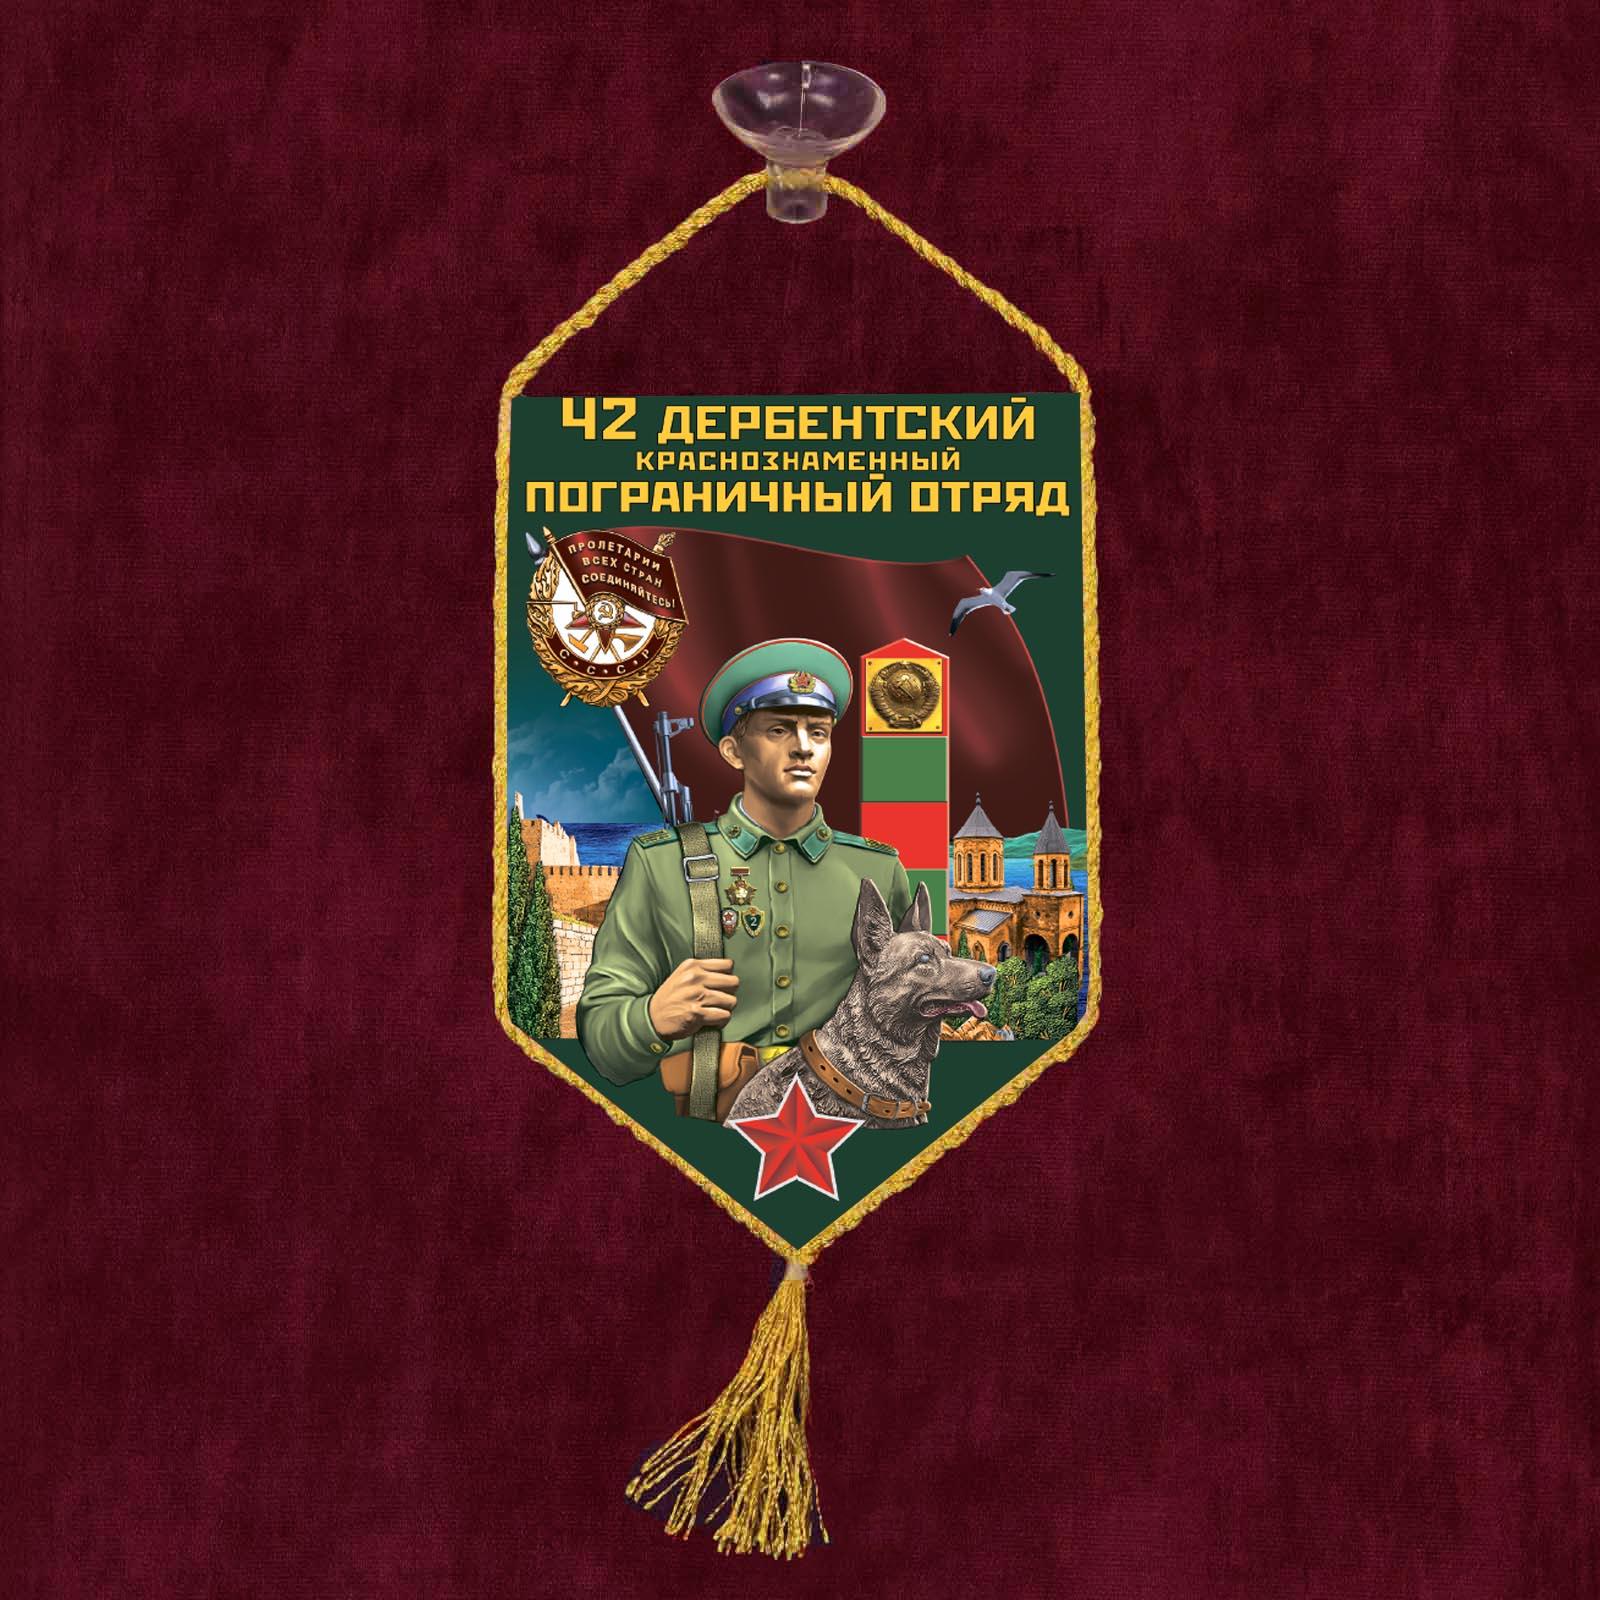 """Автомобильный вымпел """"42 Дербентский пограничный отряд"""""""